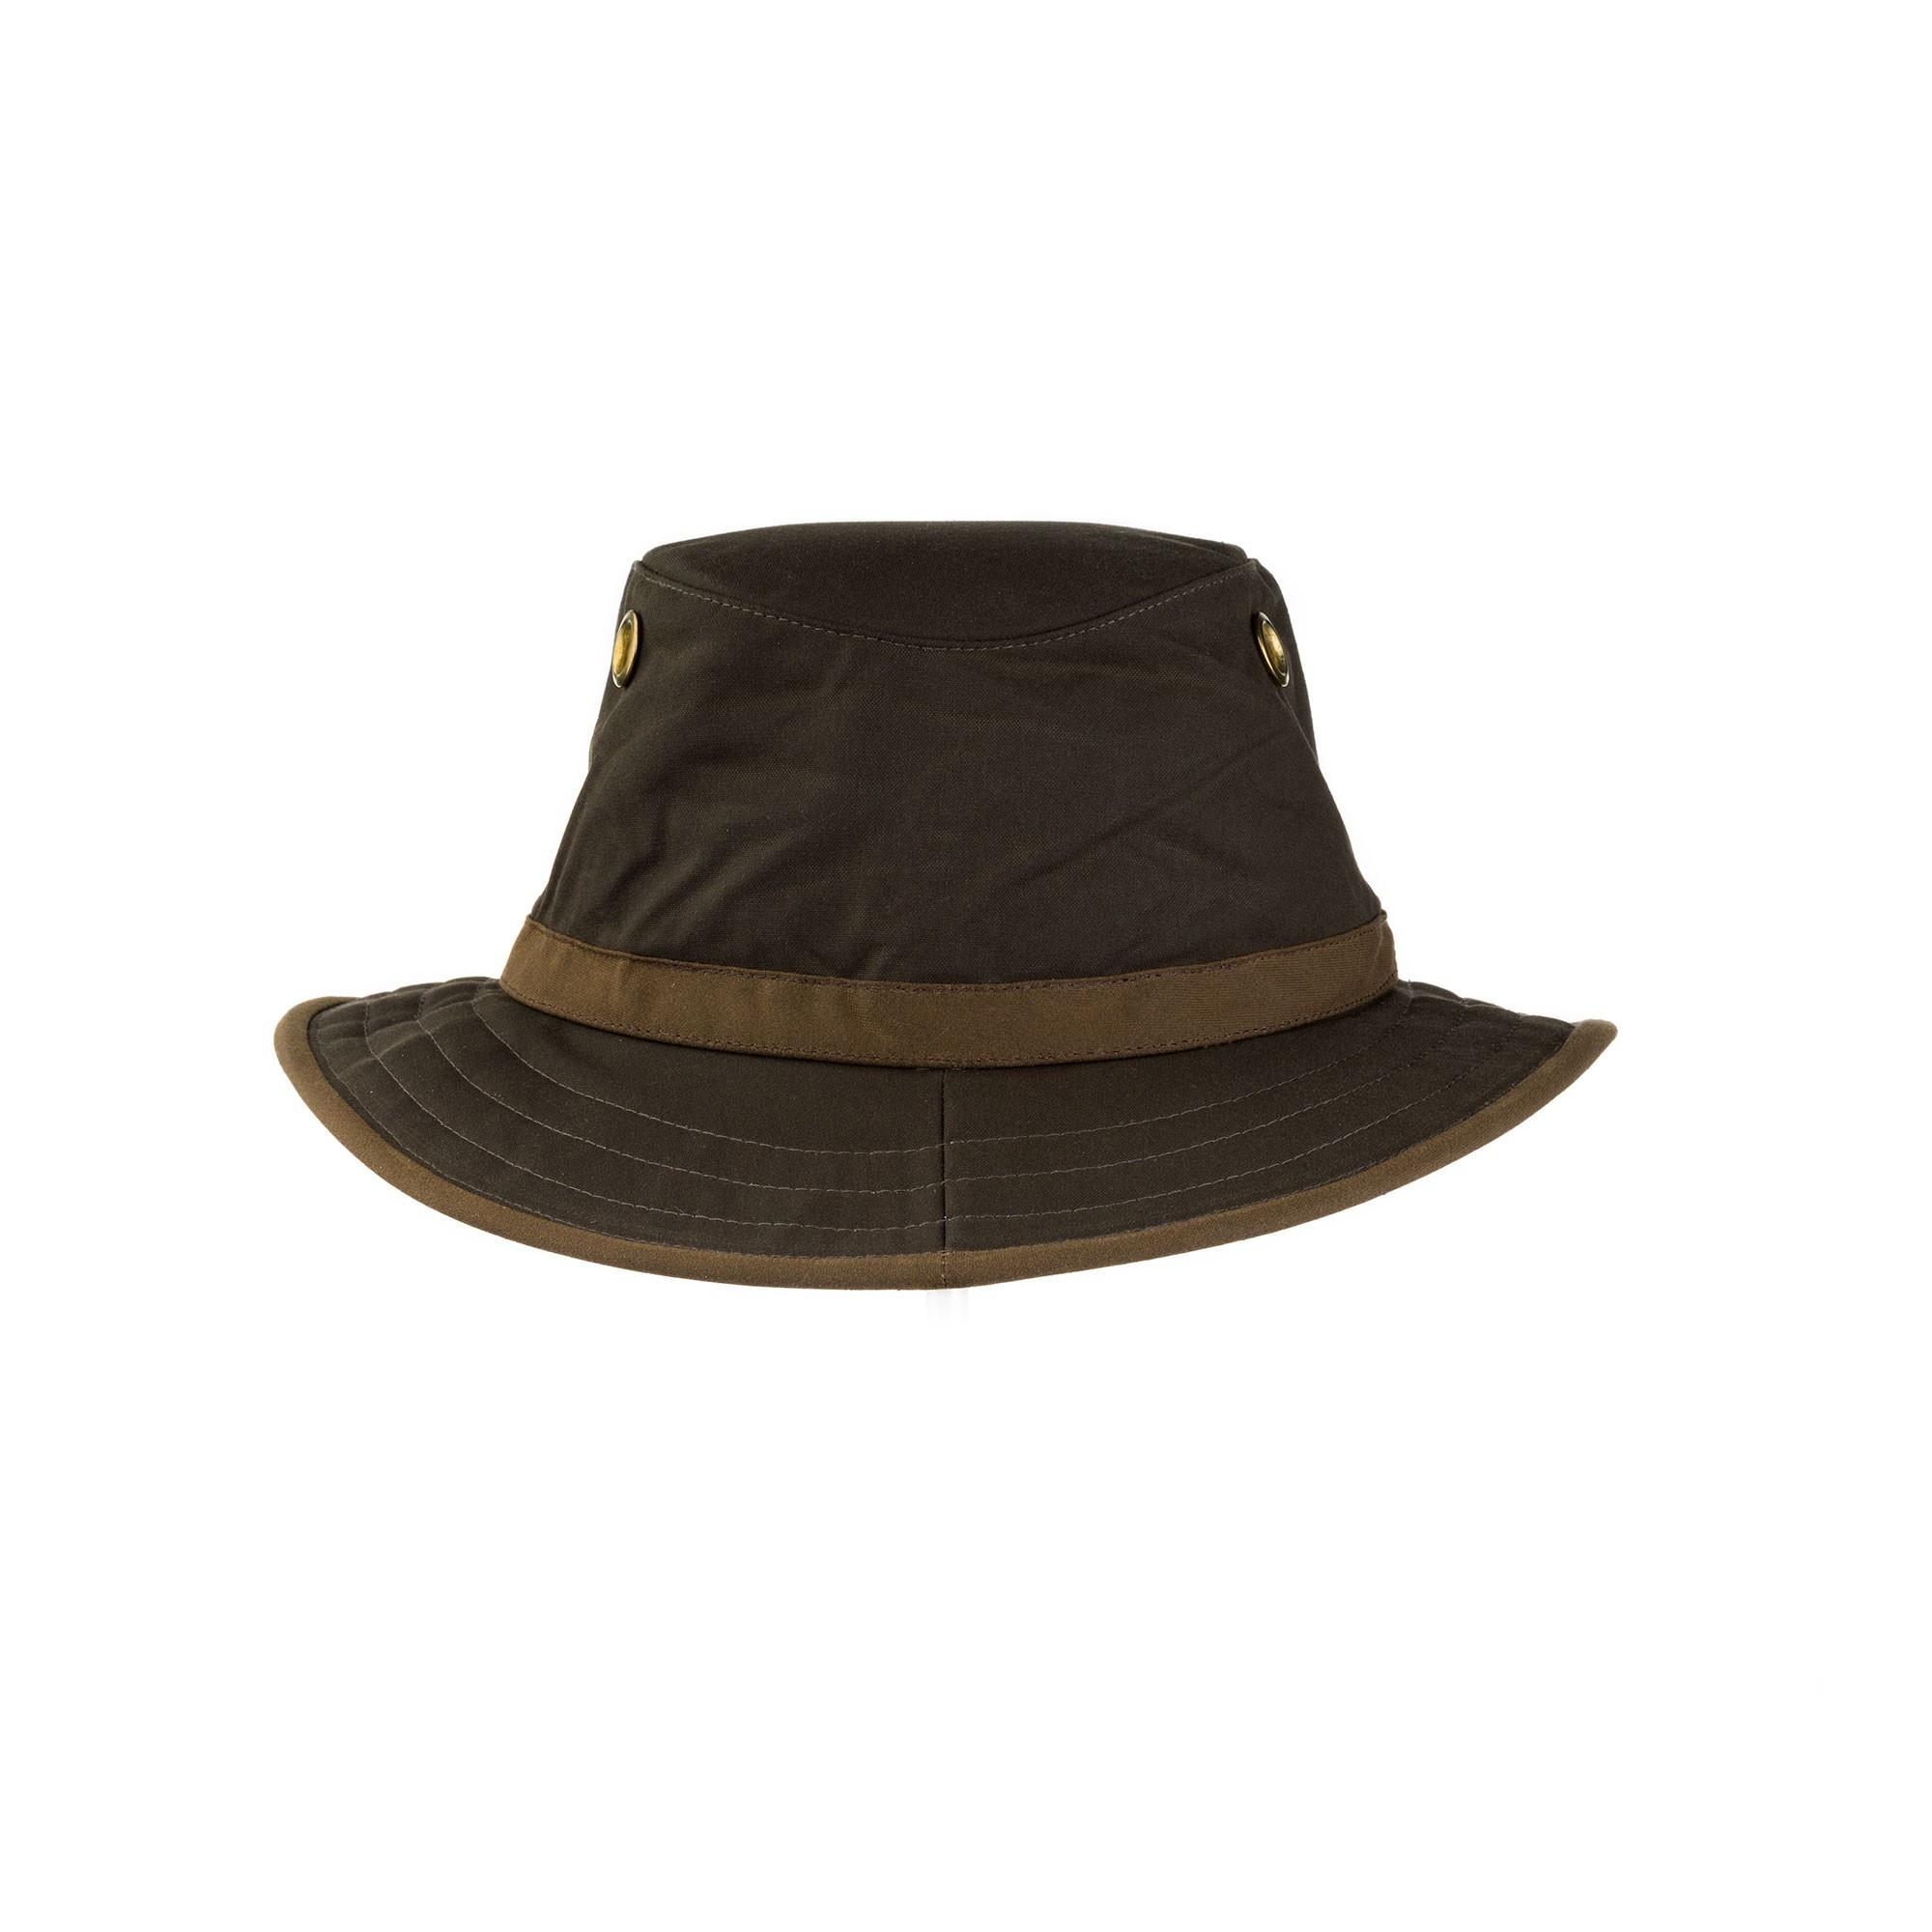 718a353157e TWC7 Hat TWC7 Hat TWC7 Hat